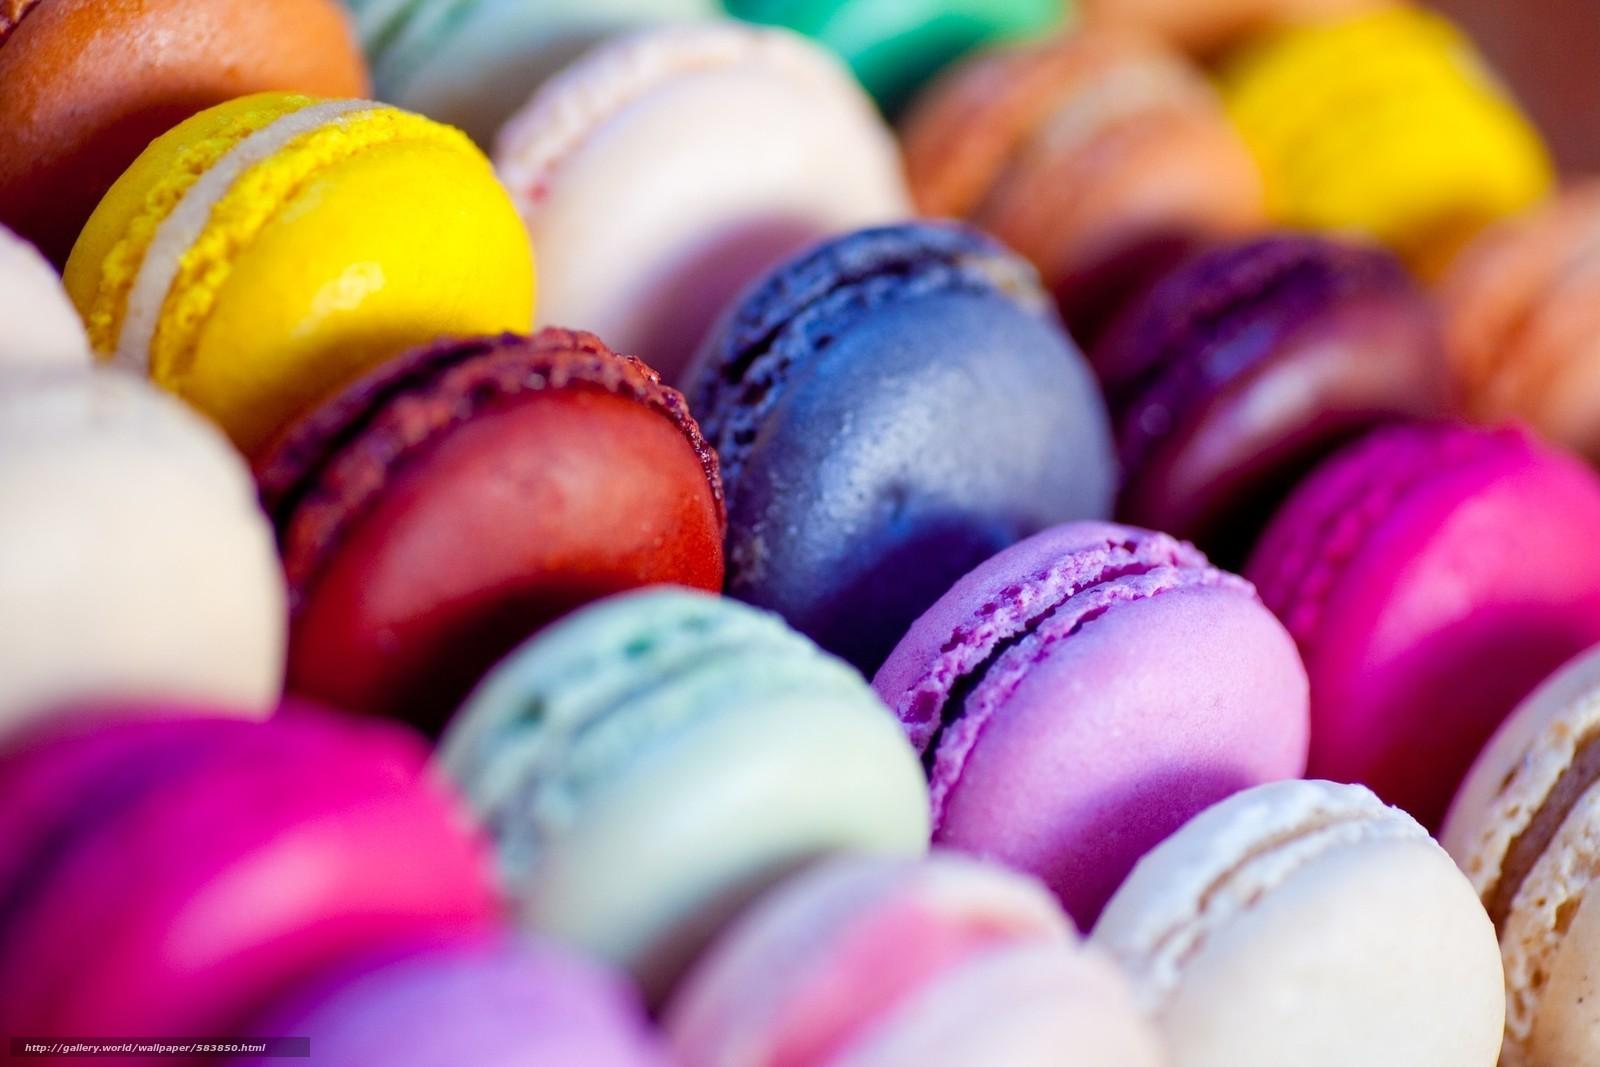 Скачать обои печенье,  питание,  красочные,  миндальное печенье бесплатно для рабочего стола в разрешении 1920x1280 — картинка №583850